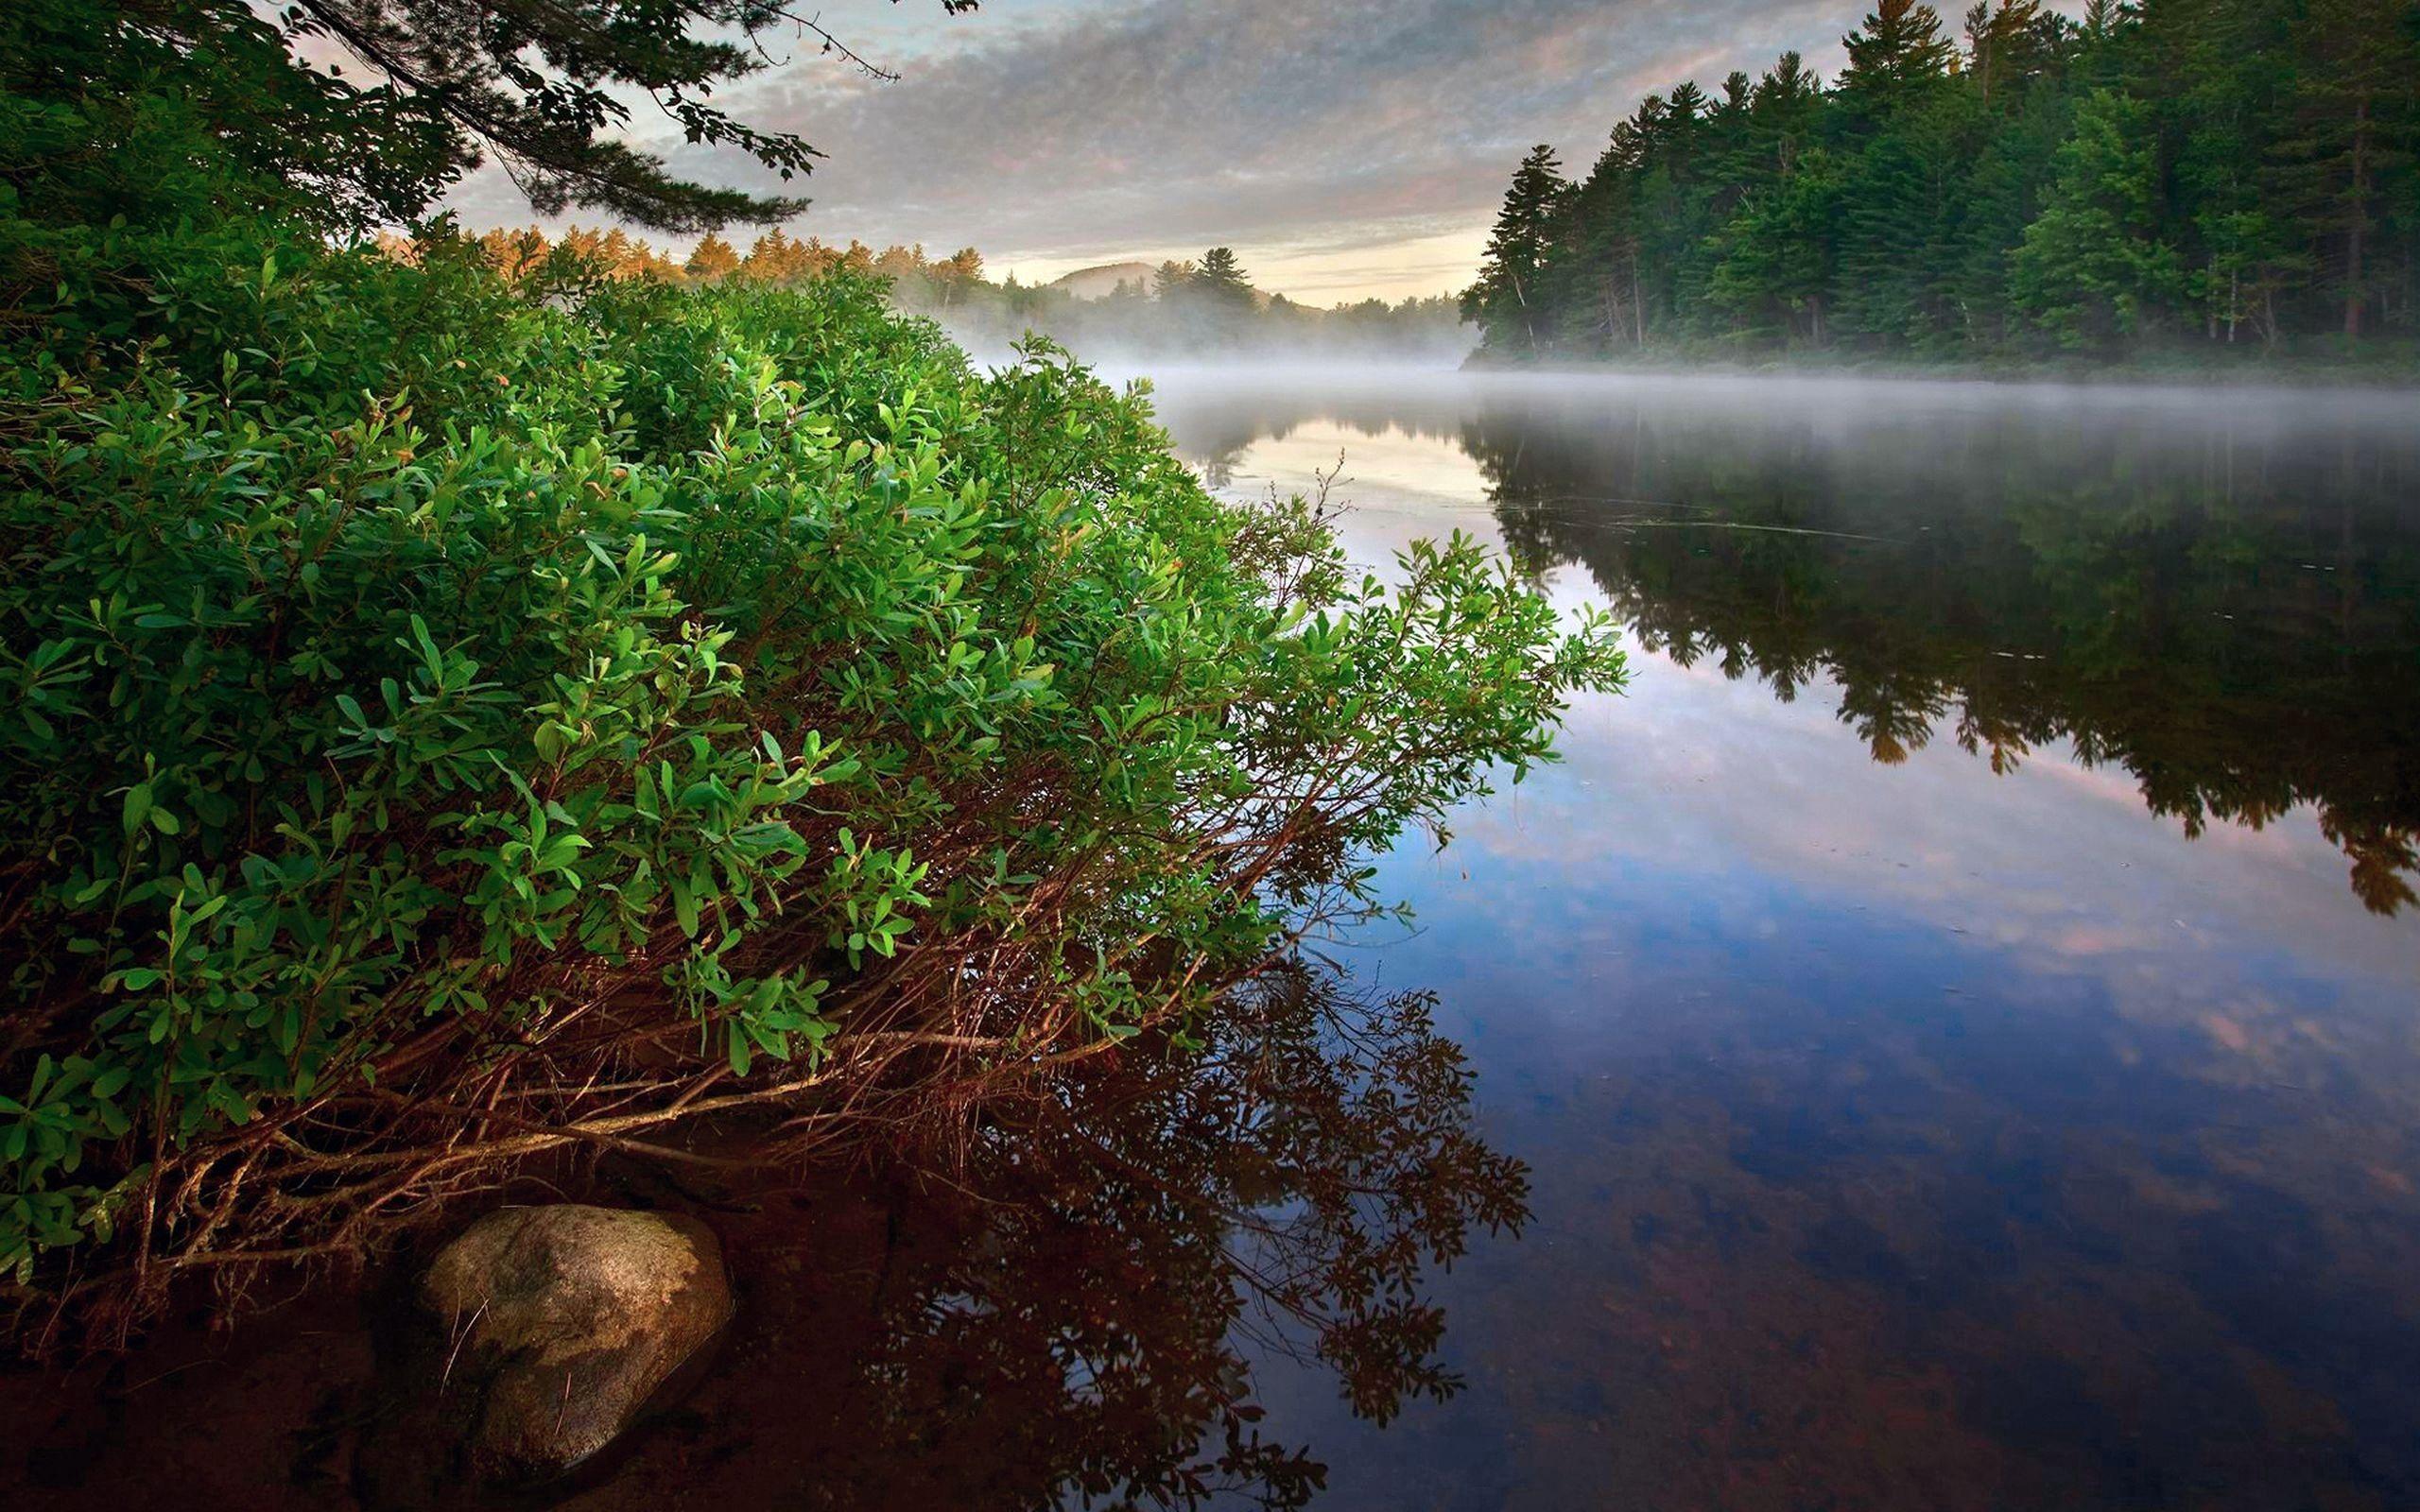 158061 fond d'écran 720x1280 sur votre téléphone gratuitement, téléchargez des images Nature, Rivières, Arbres, Réflexion 720x1280 sur votre mobile